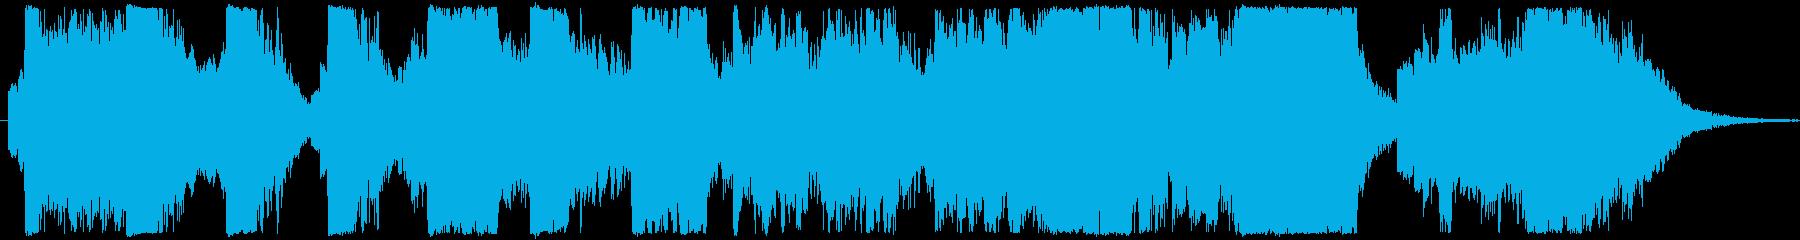 女性コーラスとソロによる厳かな挿入歌の再生済みの波形